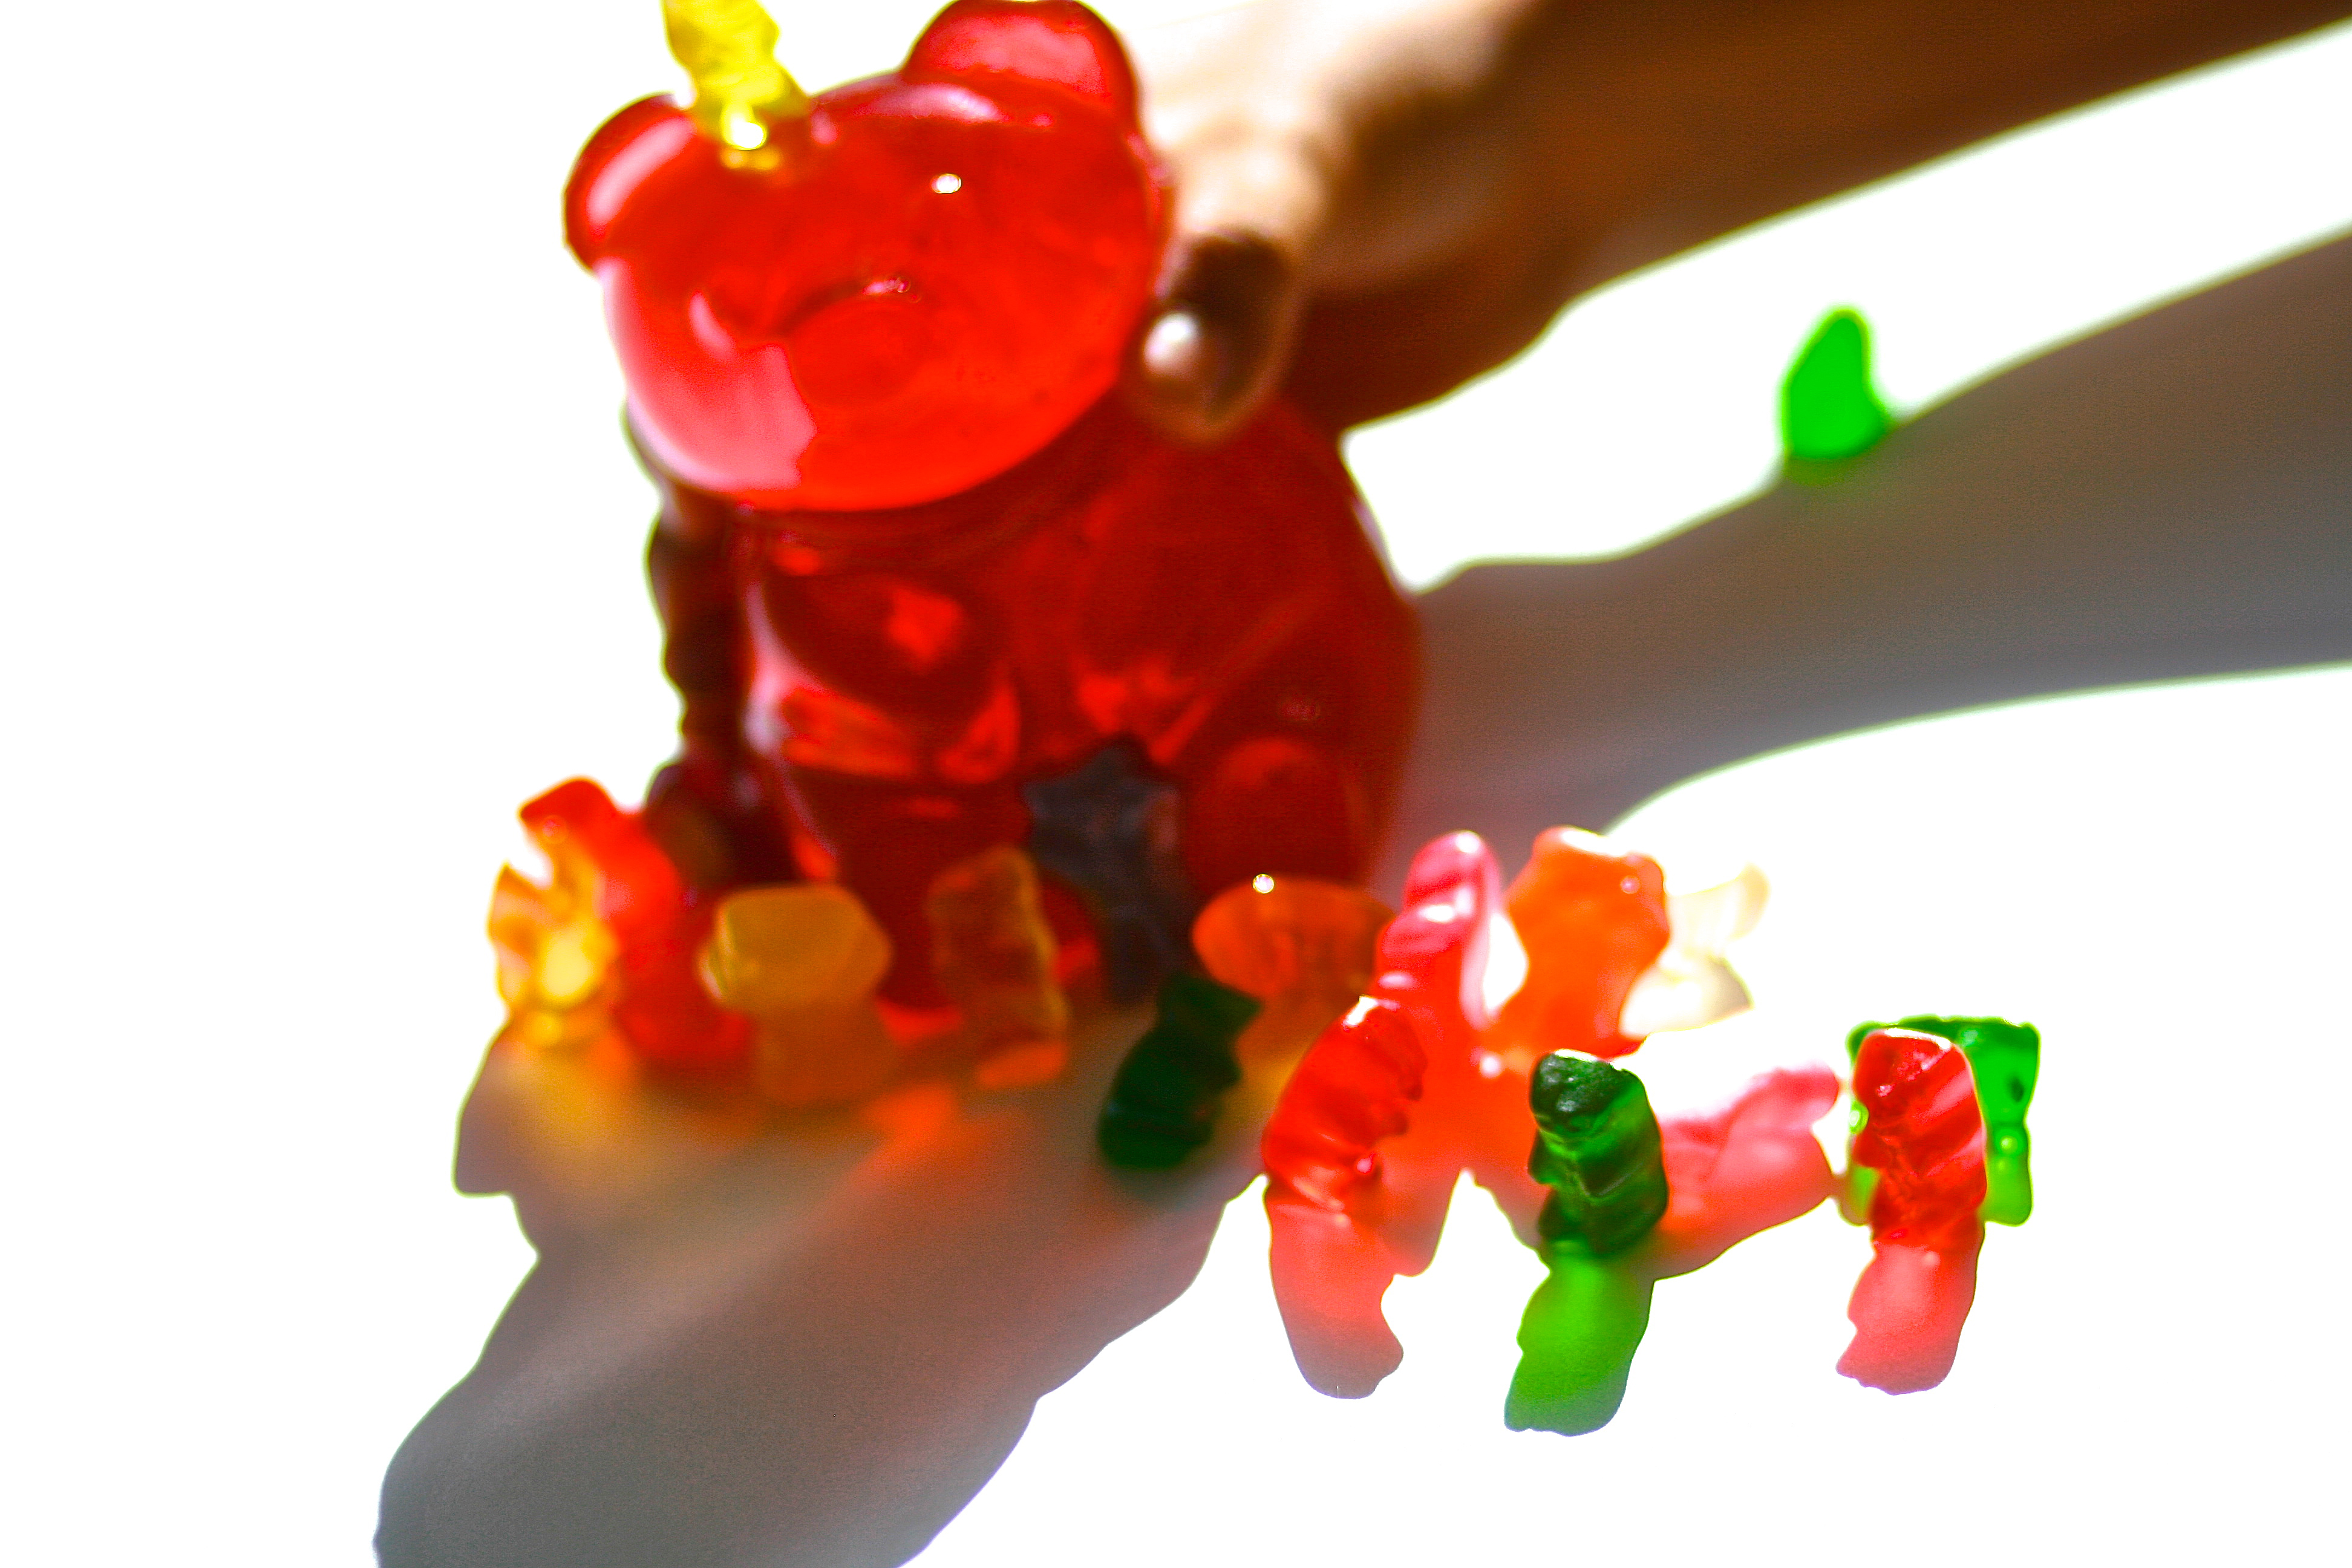 Gummi Bear Grab - photo Marie Cameron 2013